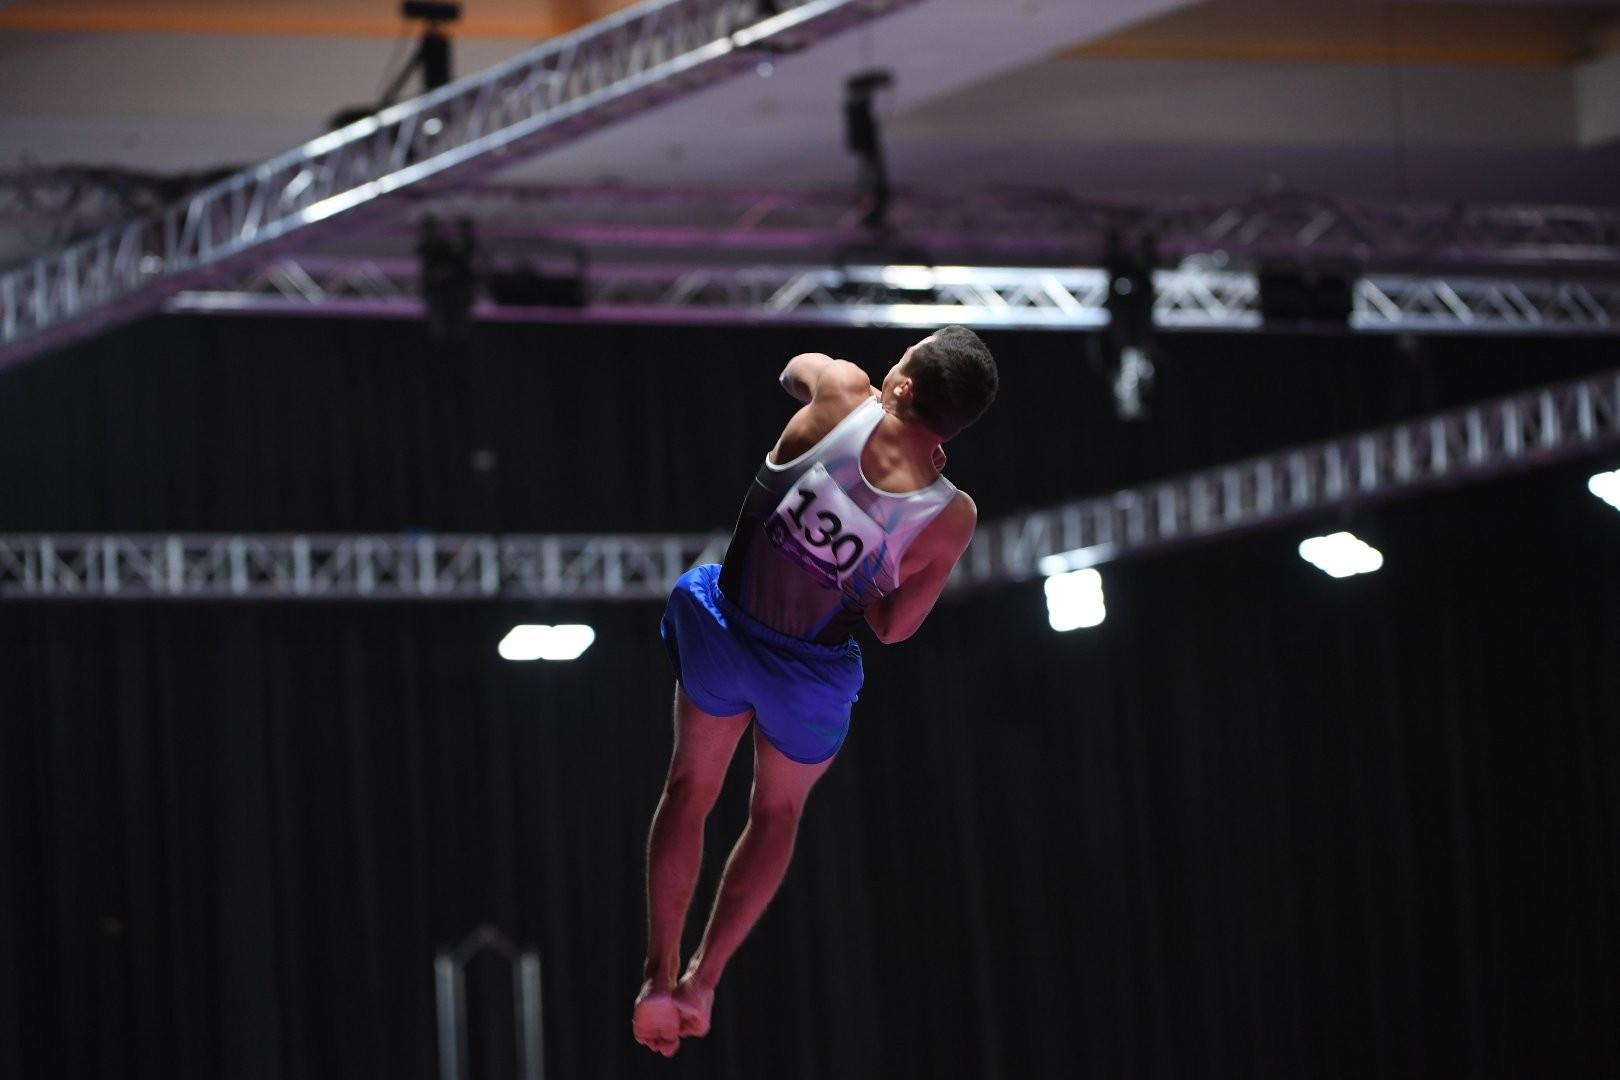 Казахстанец с первого места вышел в финал этапа Кубка мира по спортивной гимнастике